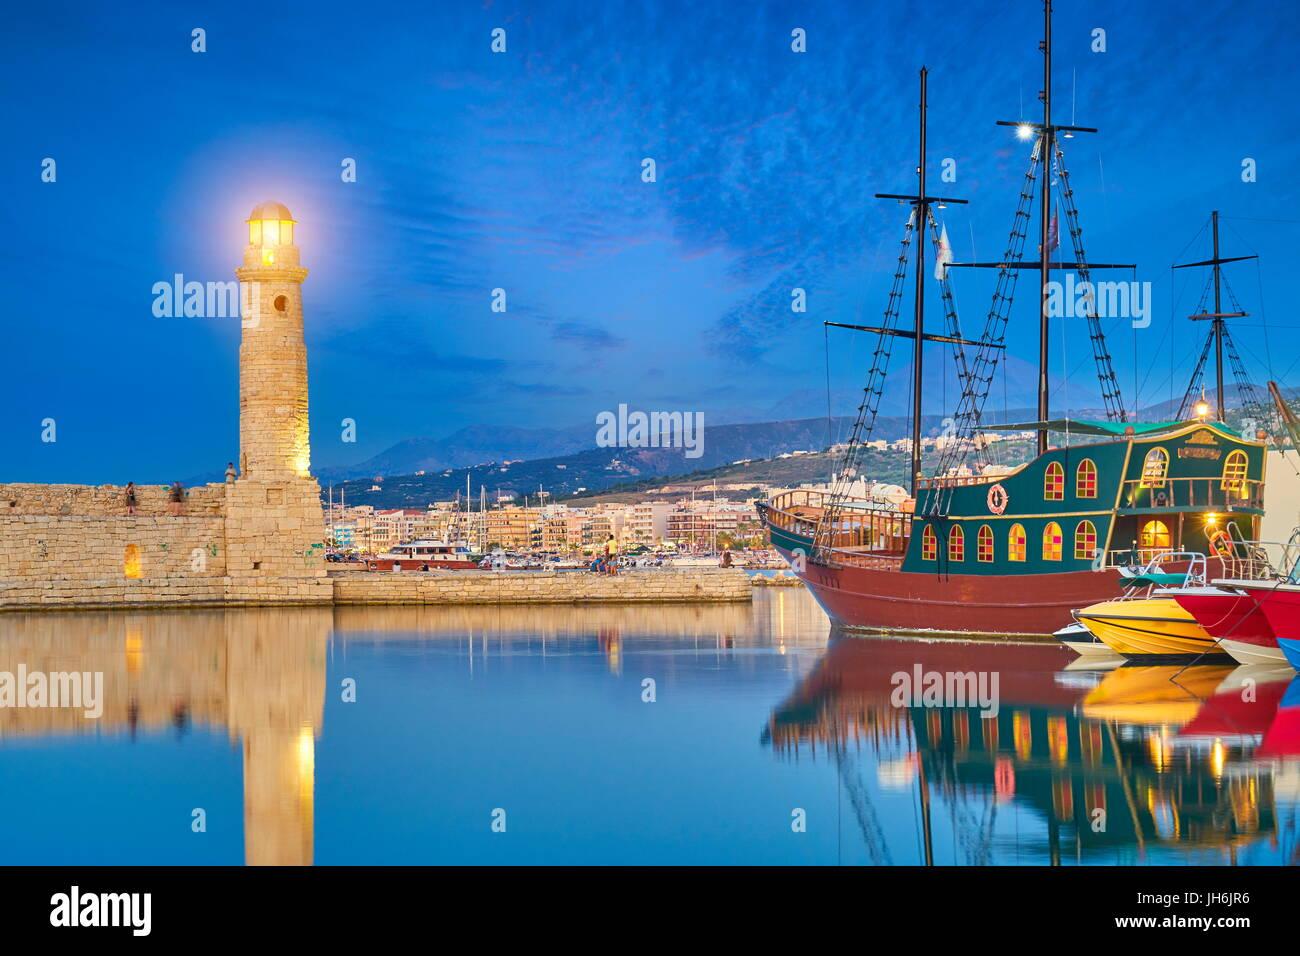 Leuchtturm am alten Venezianischen Hafen, Rethymno, Kreta, Griechenland Stockbild